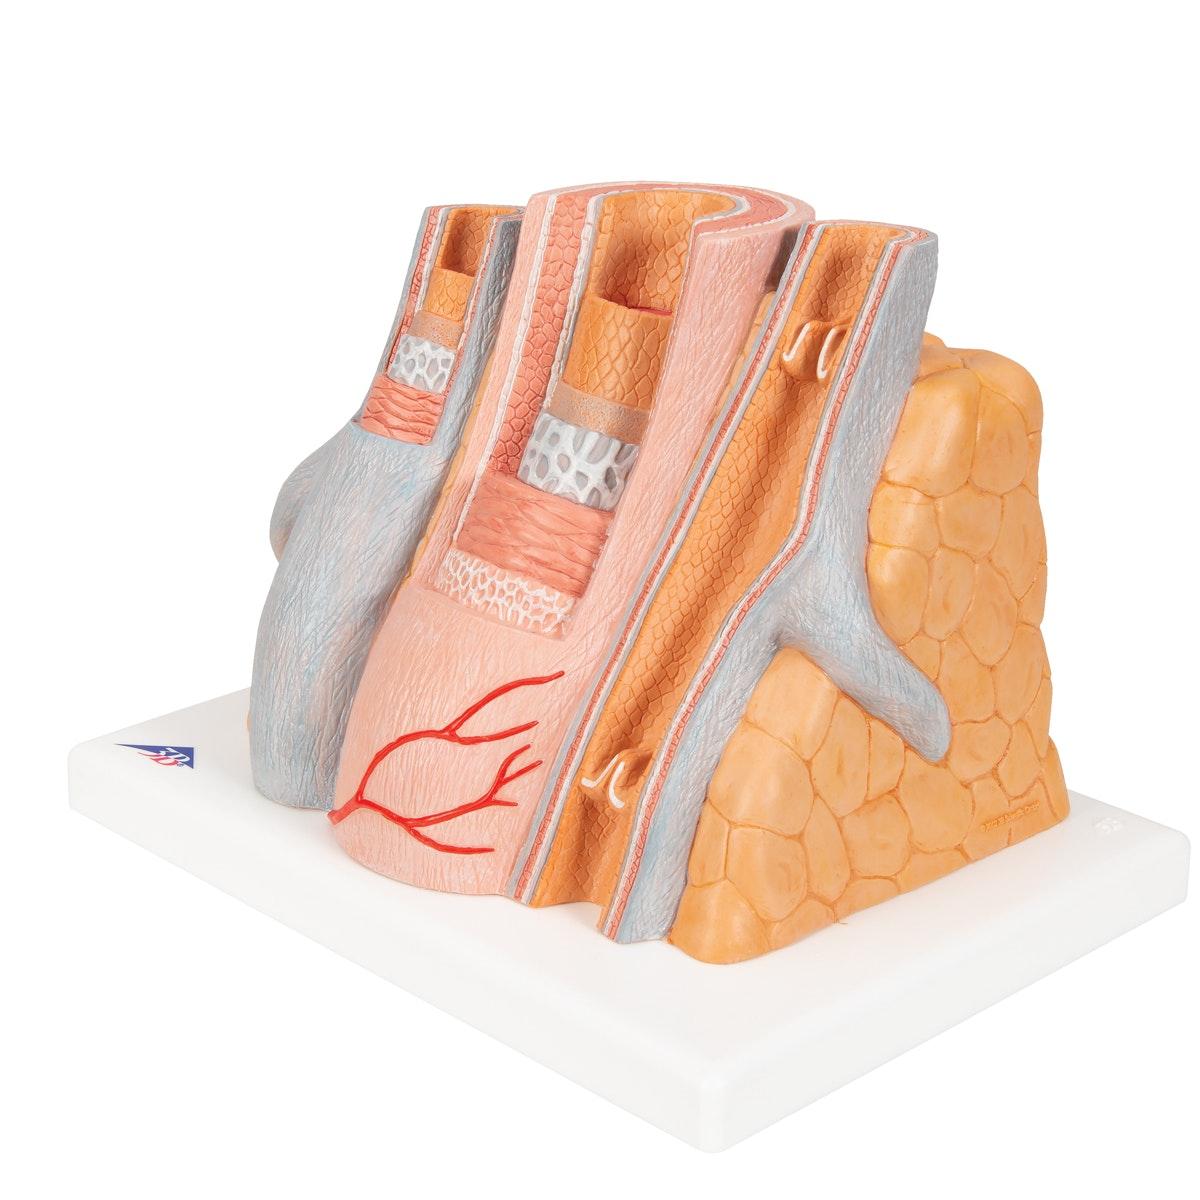 Detaljeret model af 1 arterie og 2 vener som er kraftig forstørret